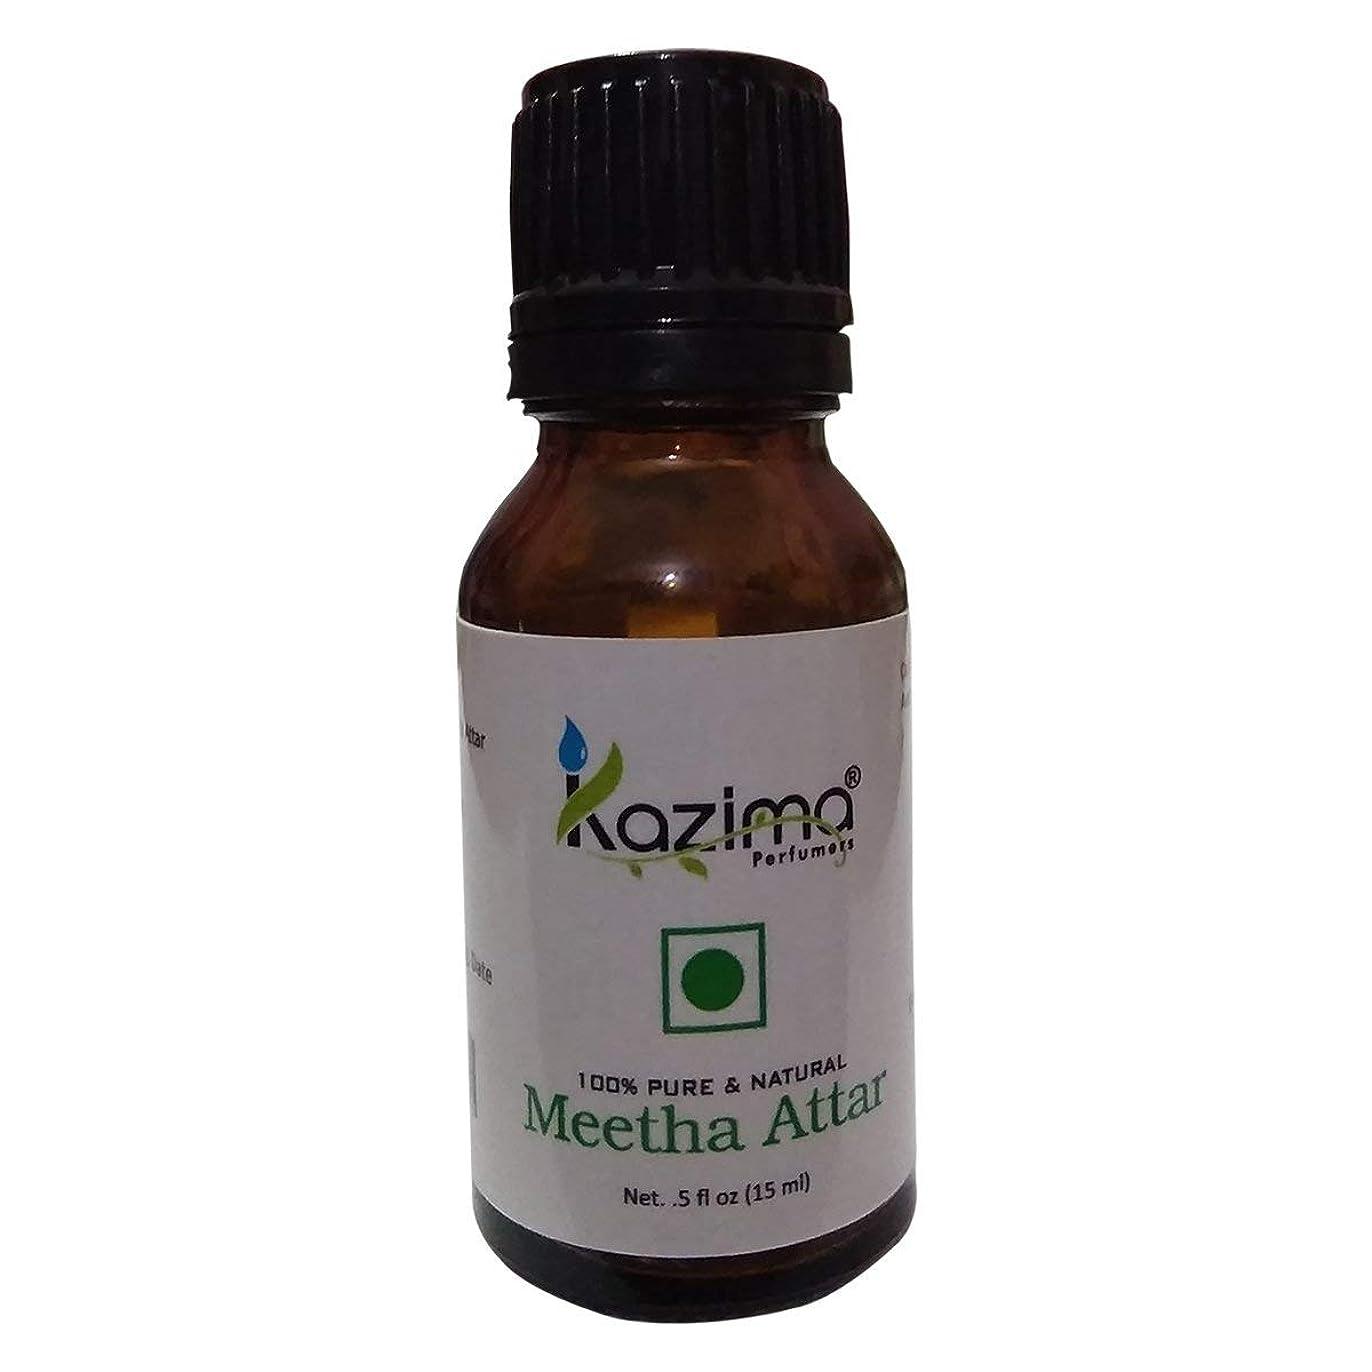 帰する評決マイクロロイヤルMughlai Meethaアター食用グレード(15mlの)|アターITRA最高品質の香水長持ちアタースプレー